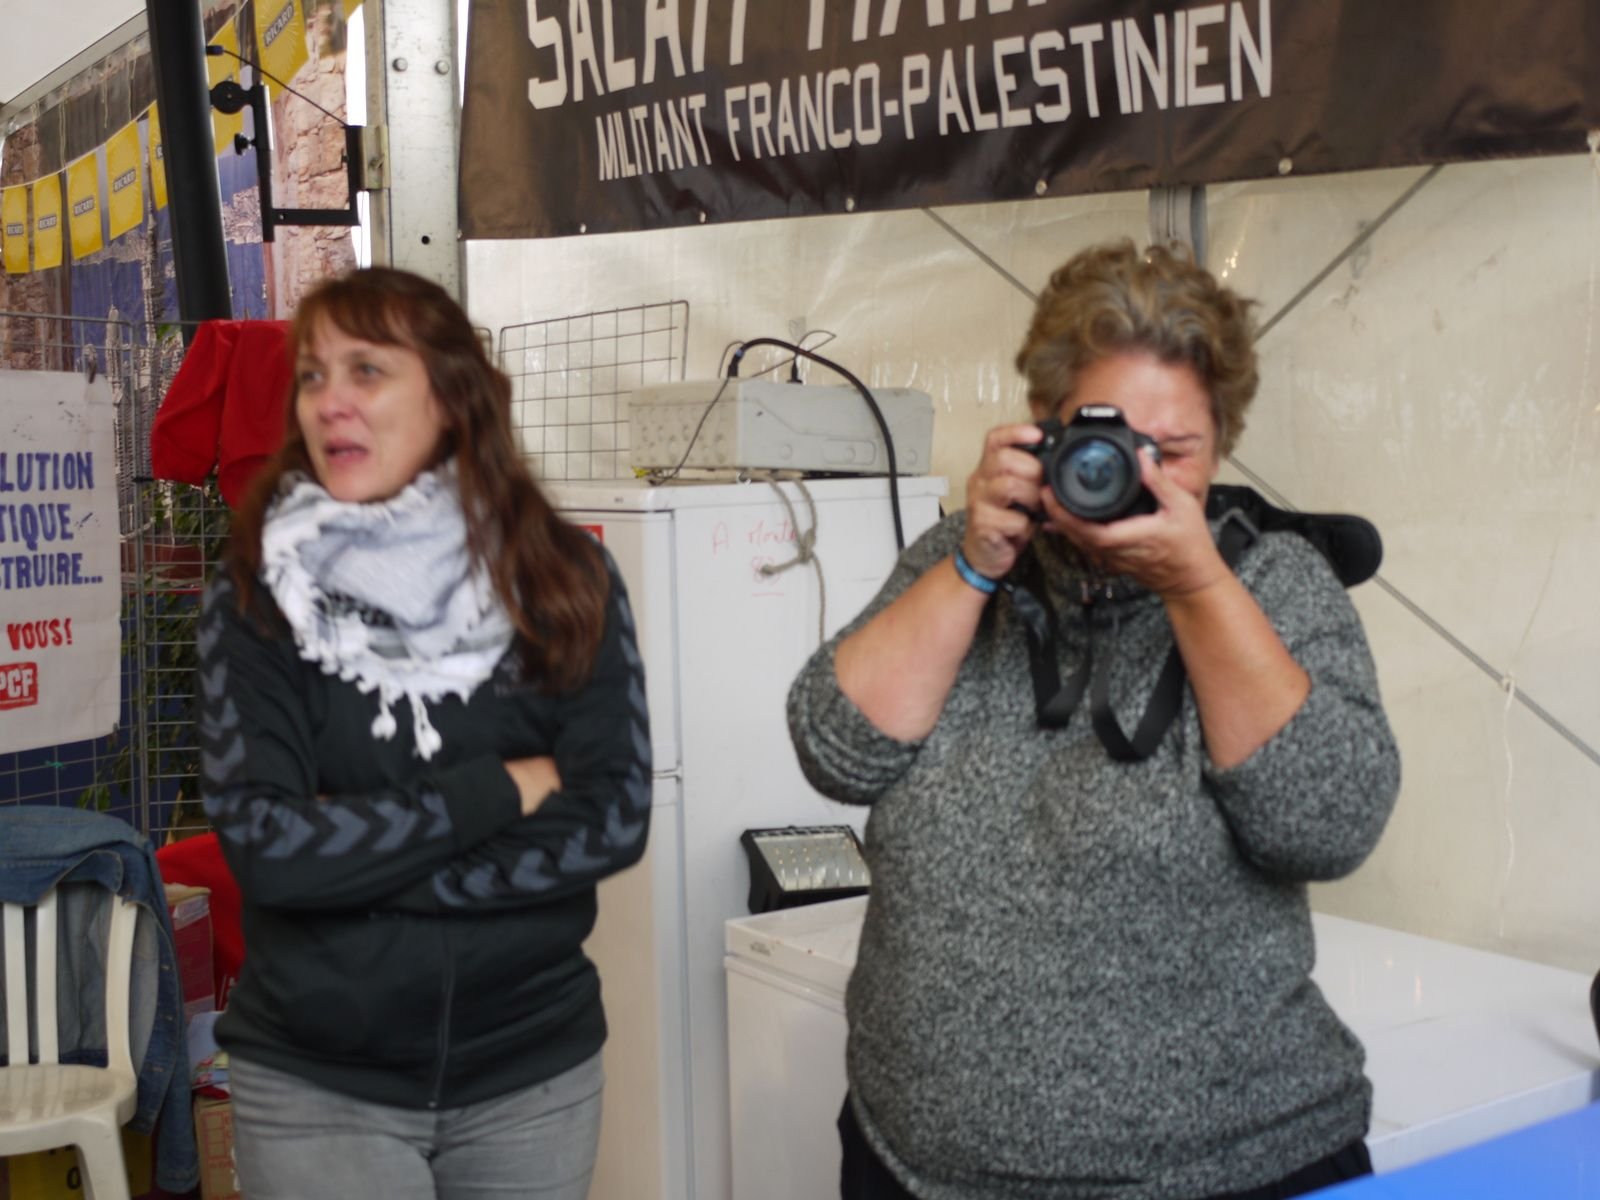 La Fête de l'Huma en quelques photos